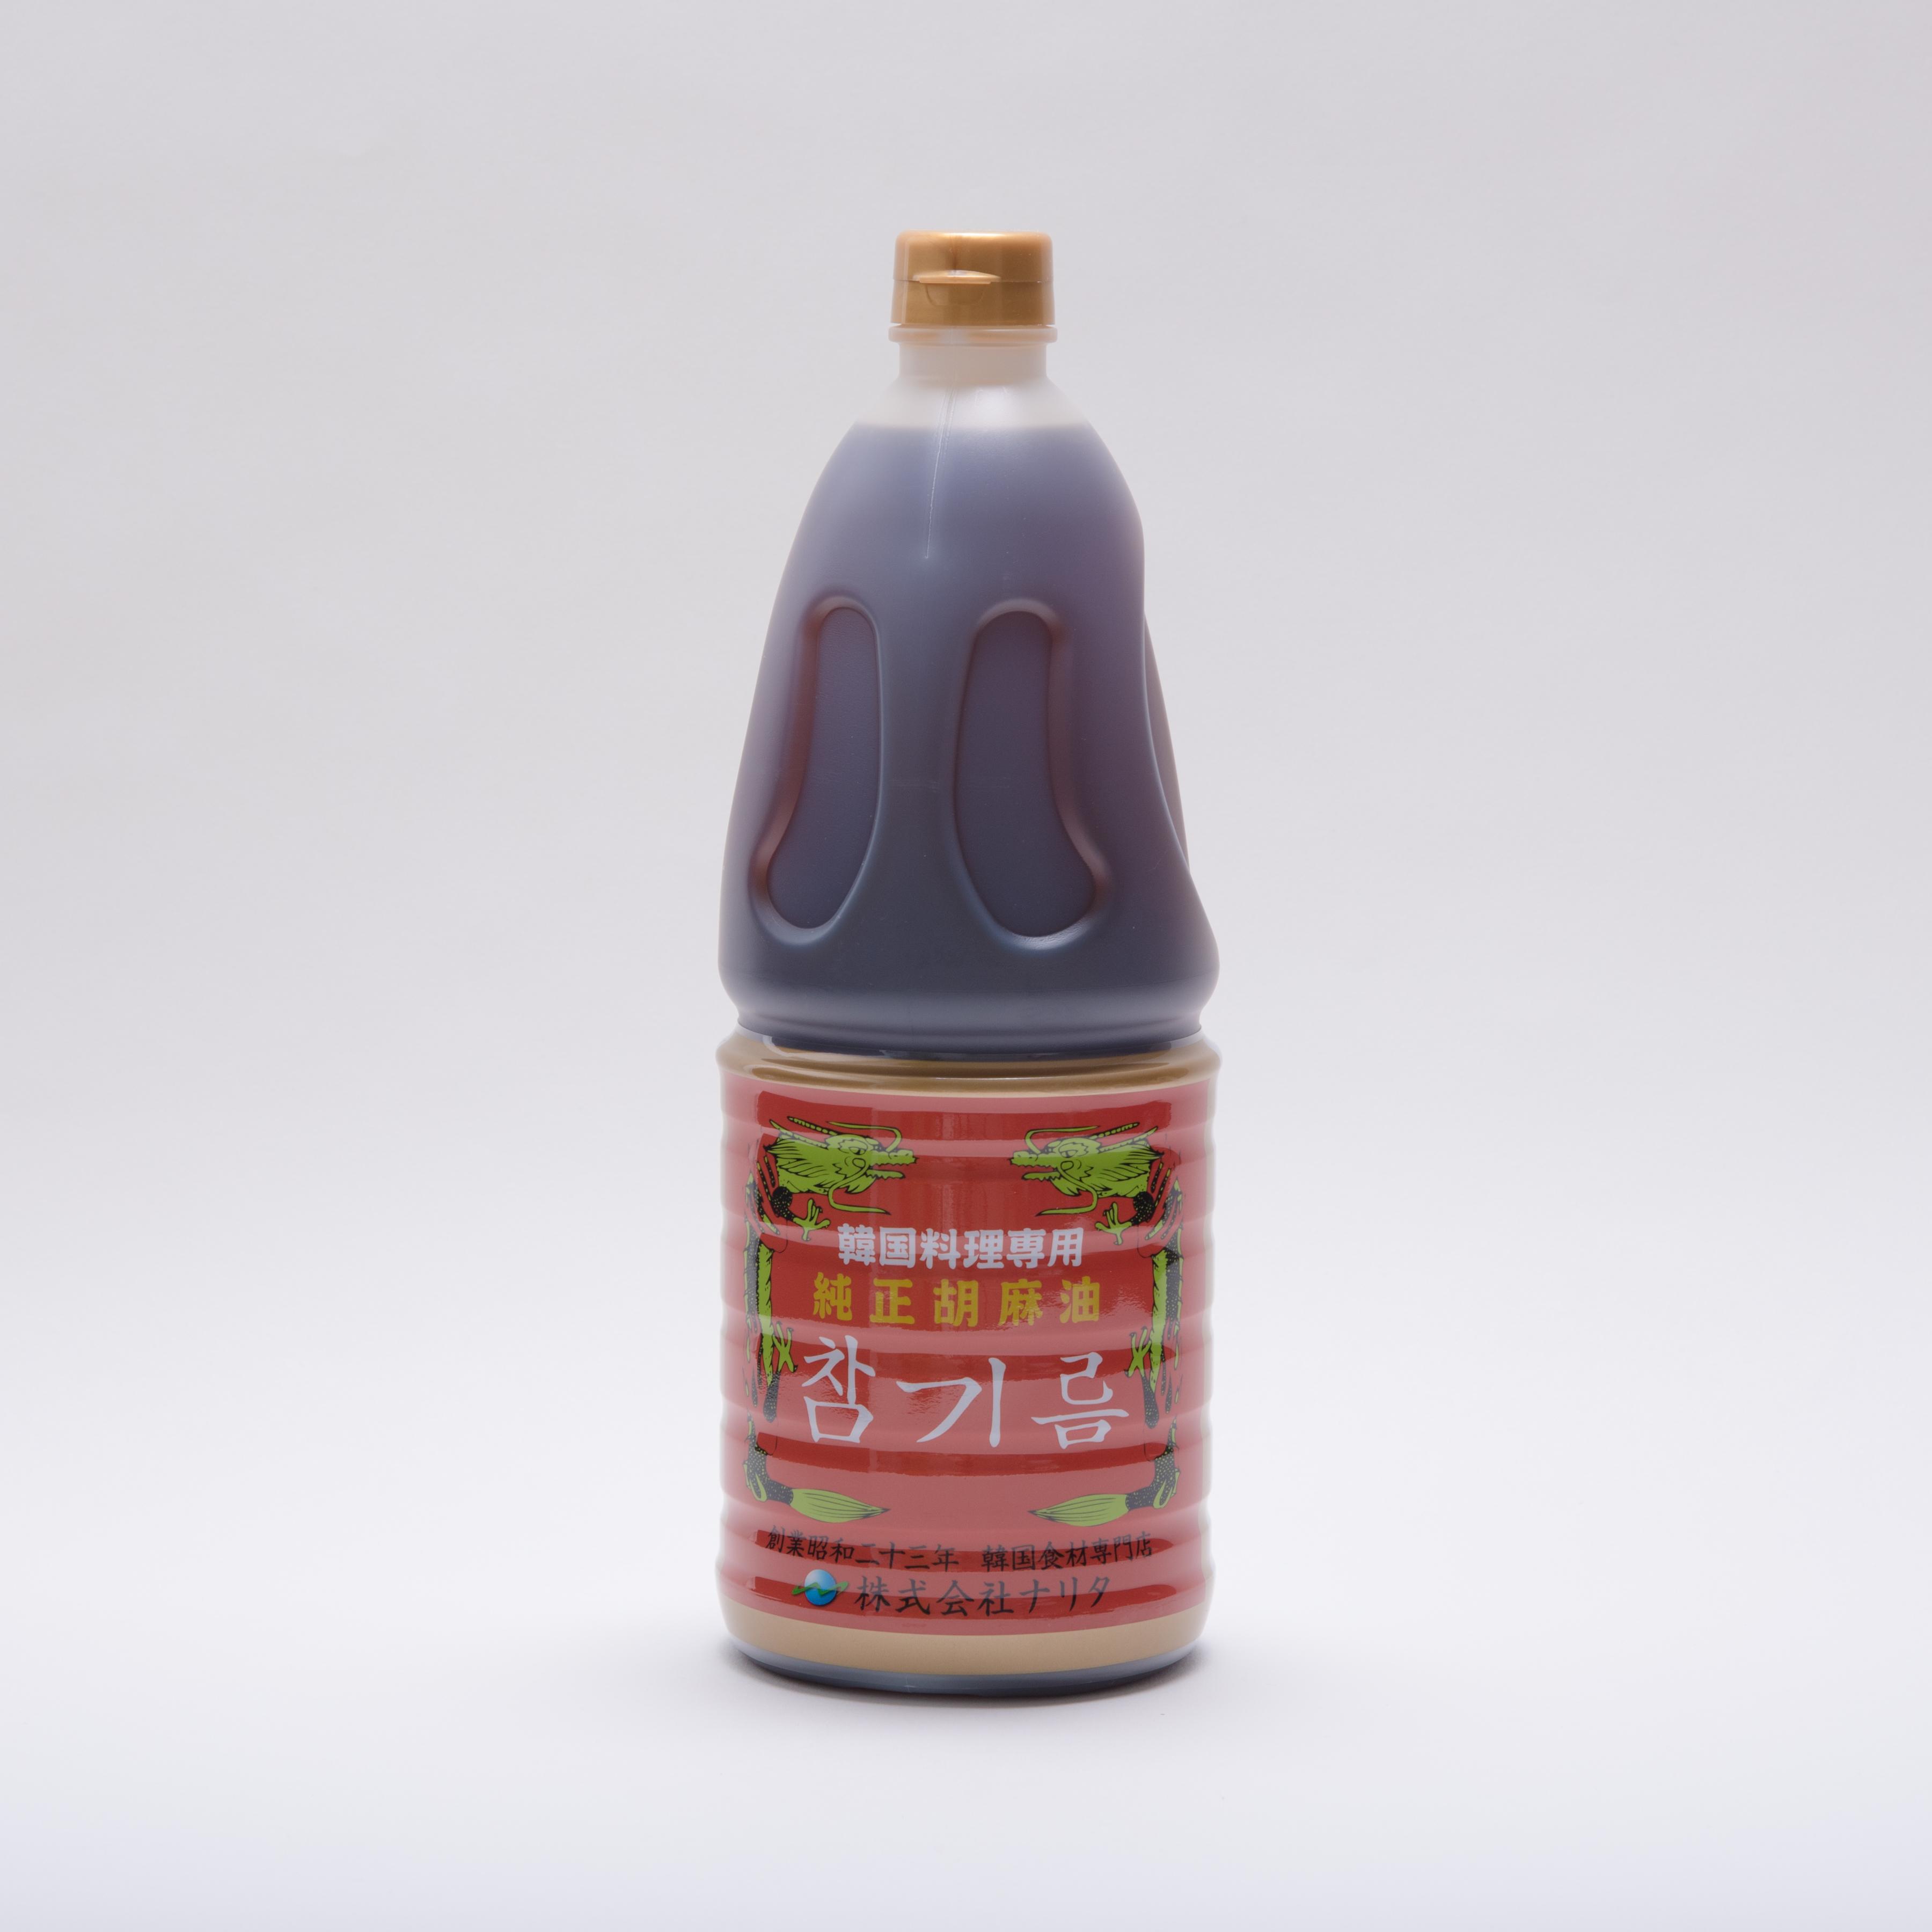 ナリタ純正ごま油/1.65kg